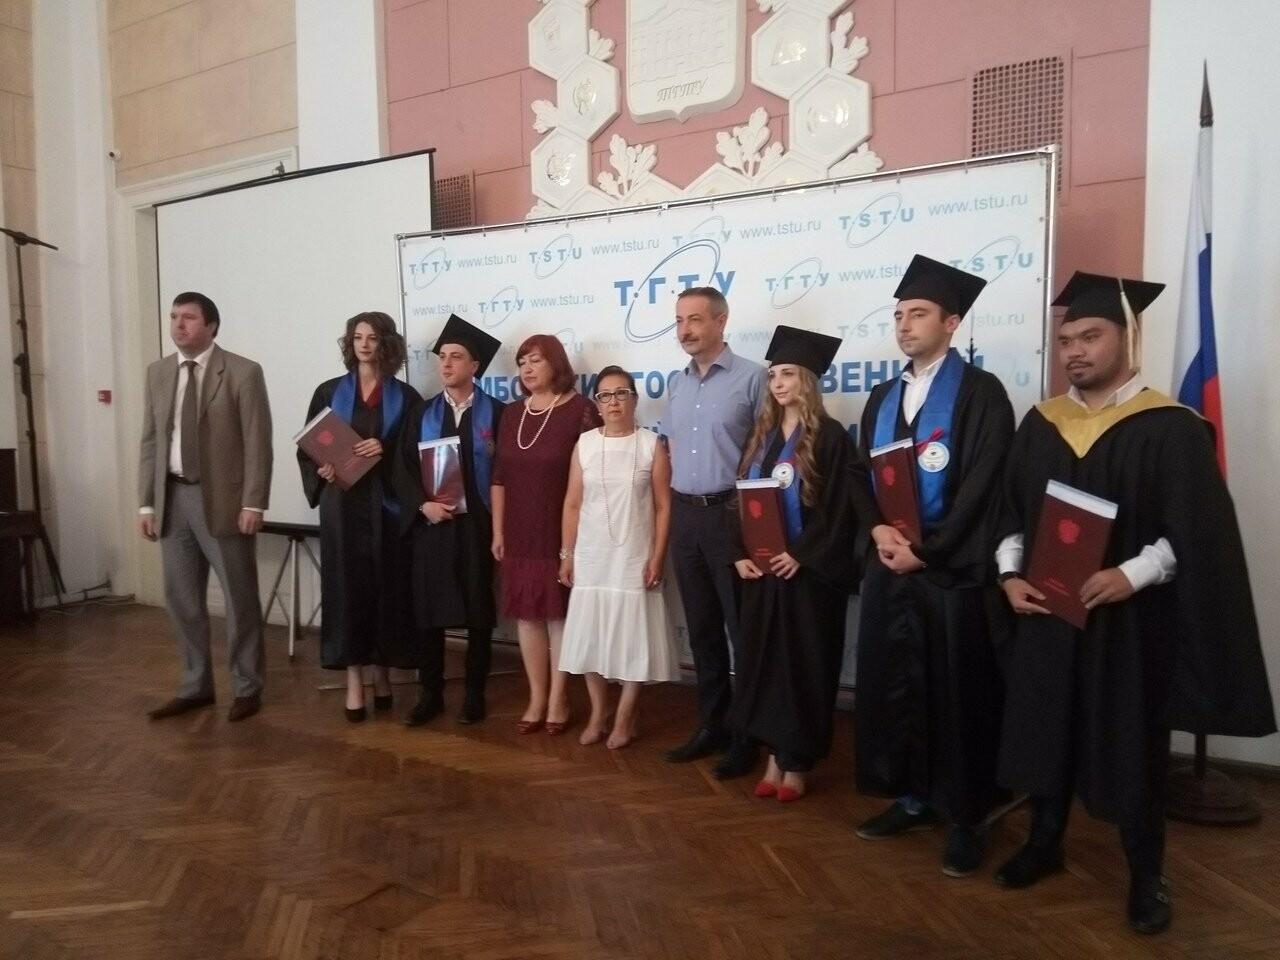 В ТГТУ дипломы магистров получили более 700 человек, фото-1